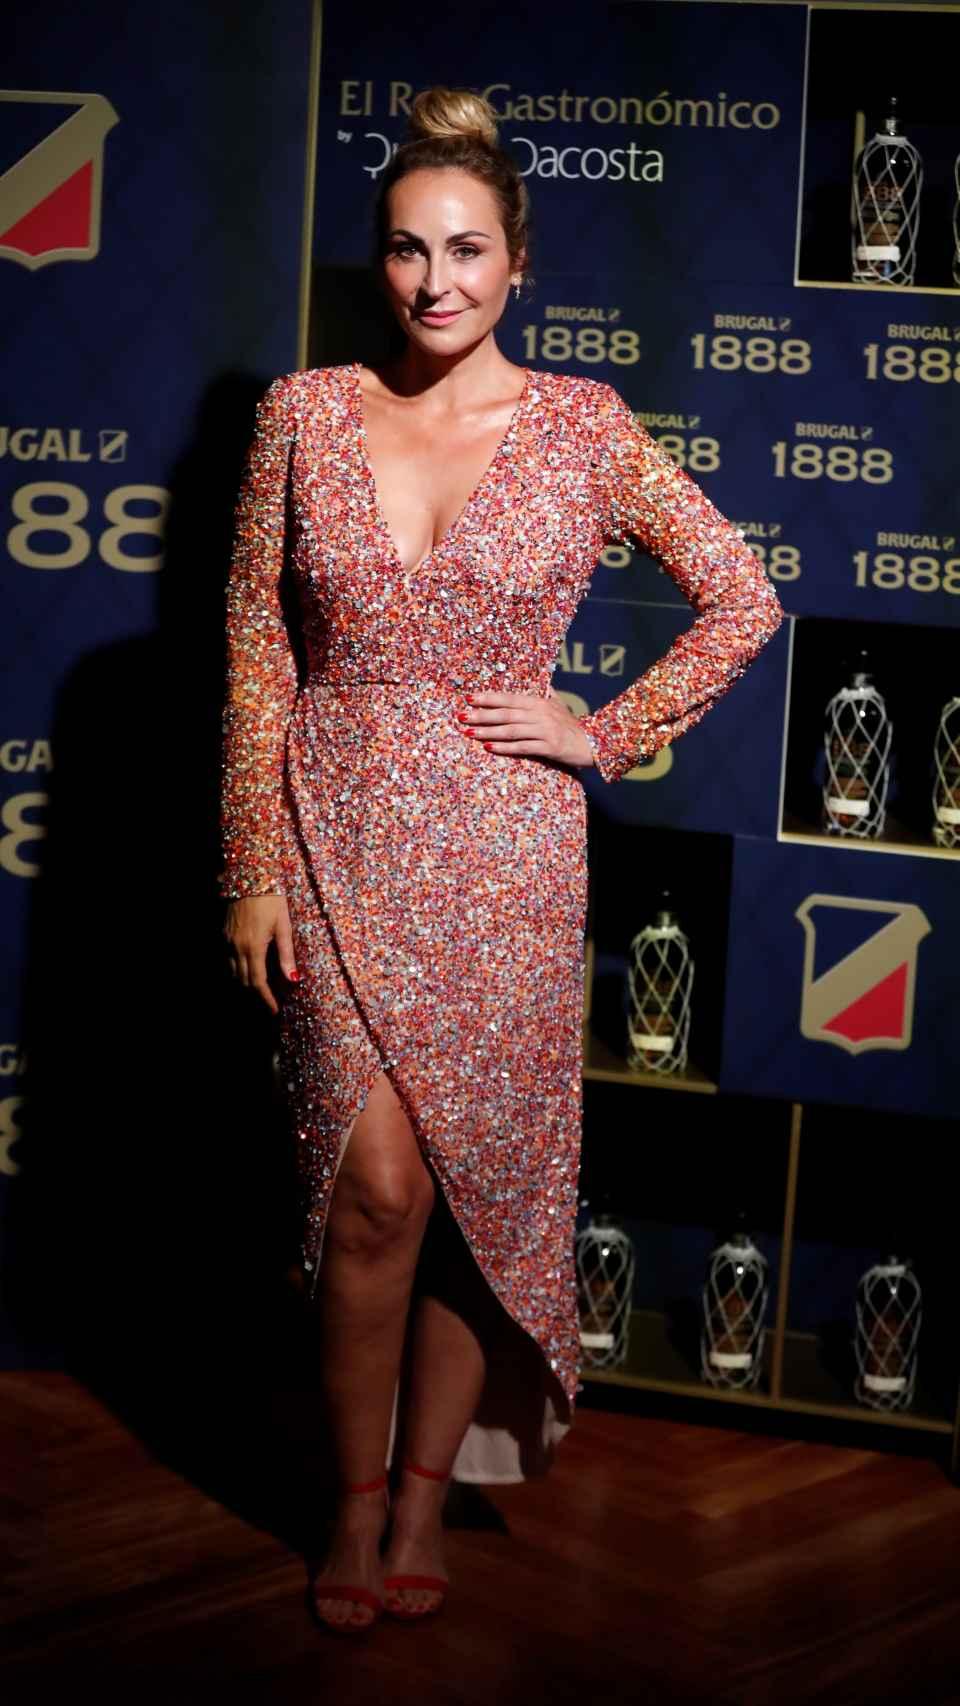 Ana Milan, dans une robe à paillettes colorées, lors de l'événement.